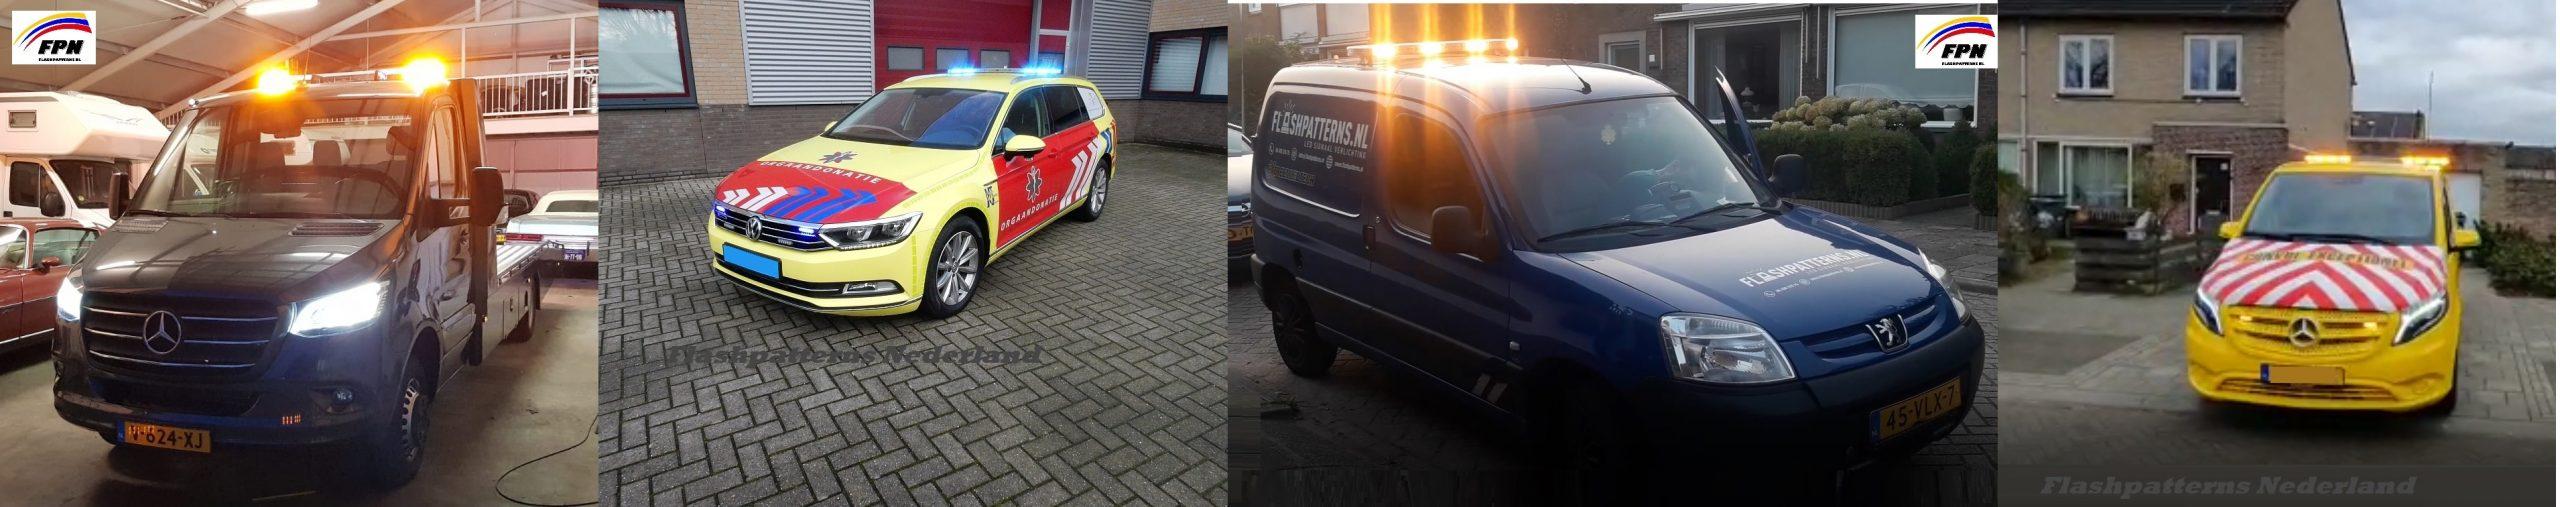 led lightbars flashpatterns.nl